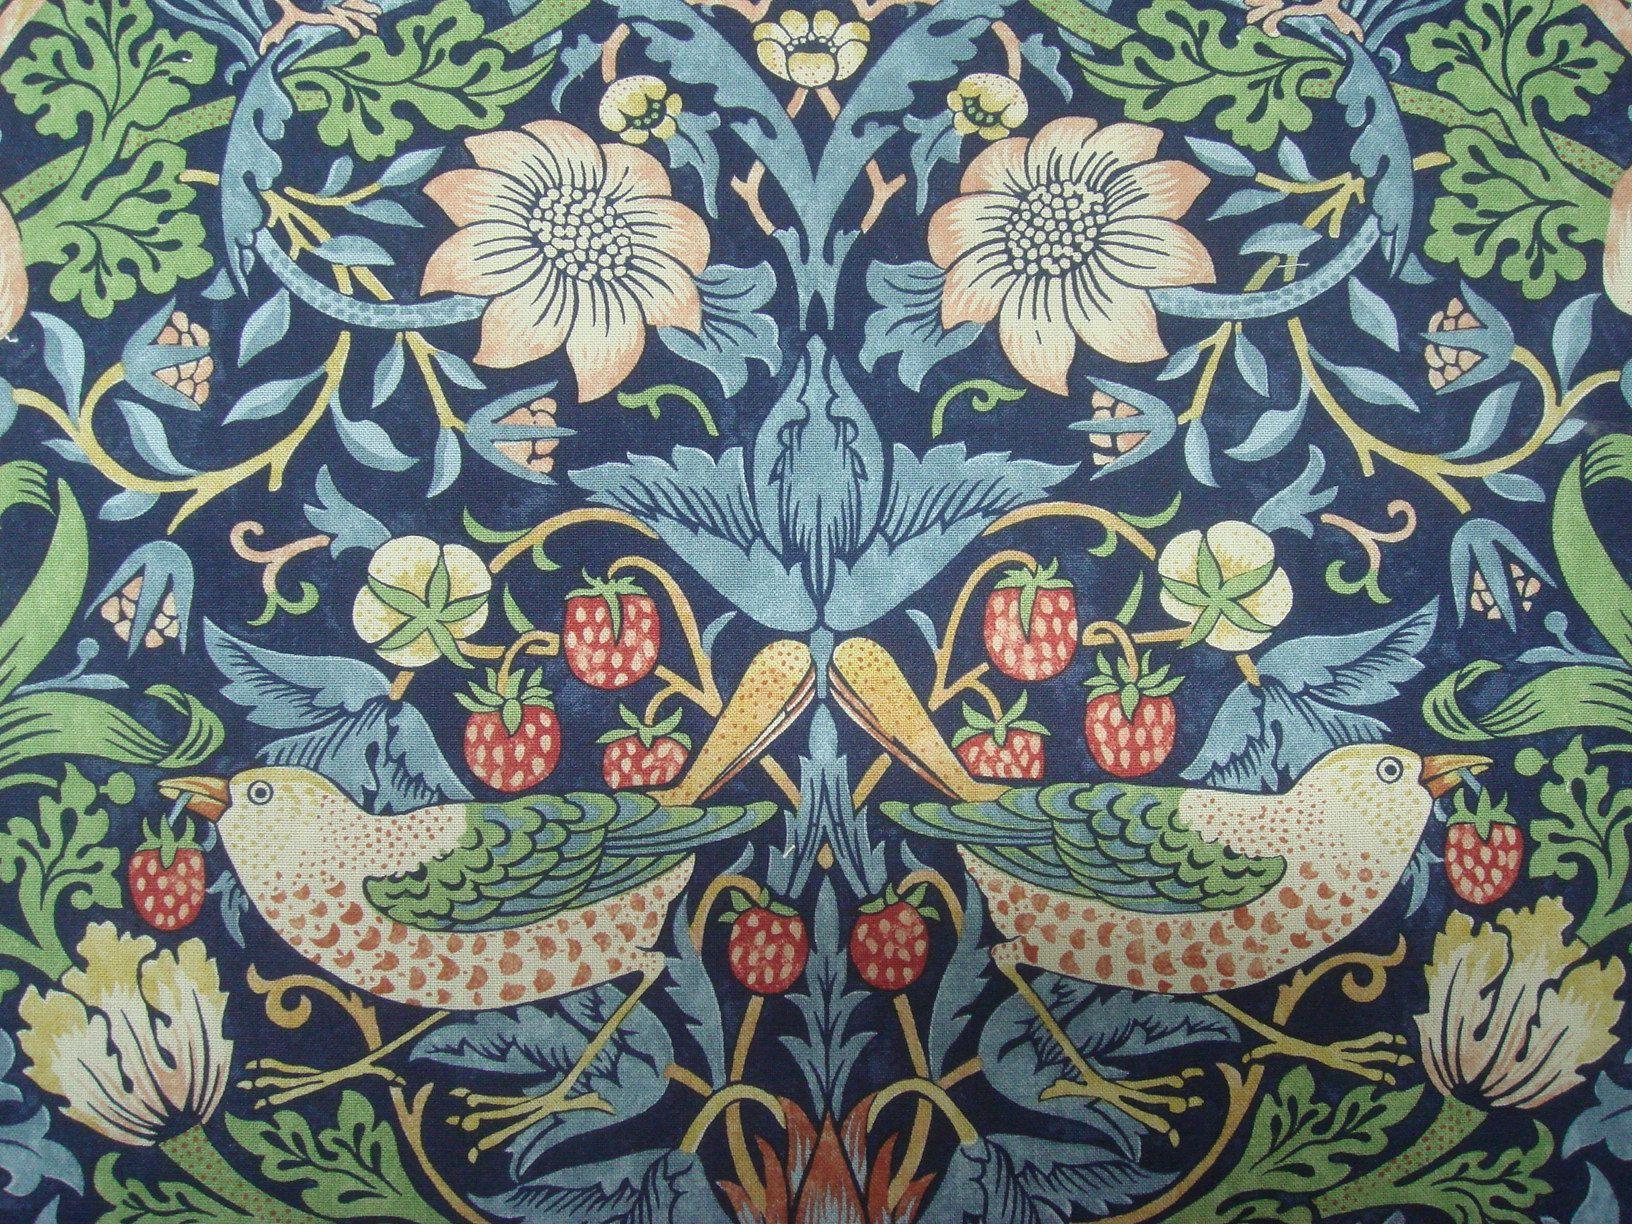 William Morris Strawberry Thief Curtain Fabric [Indigo